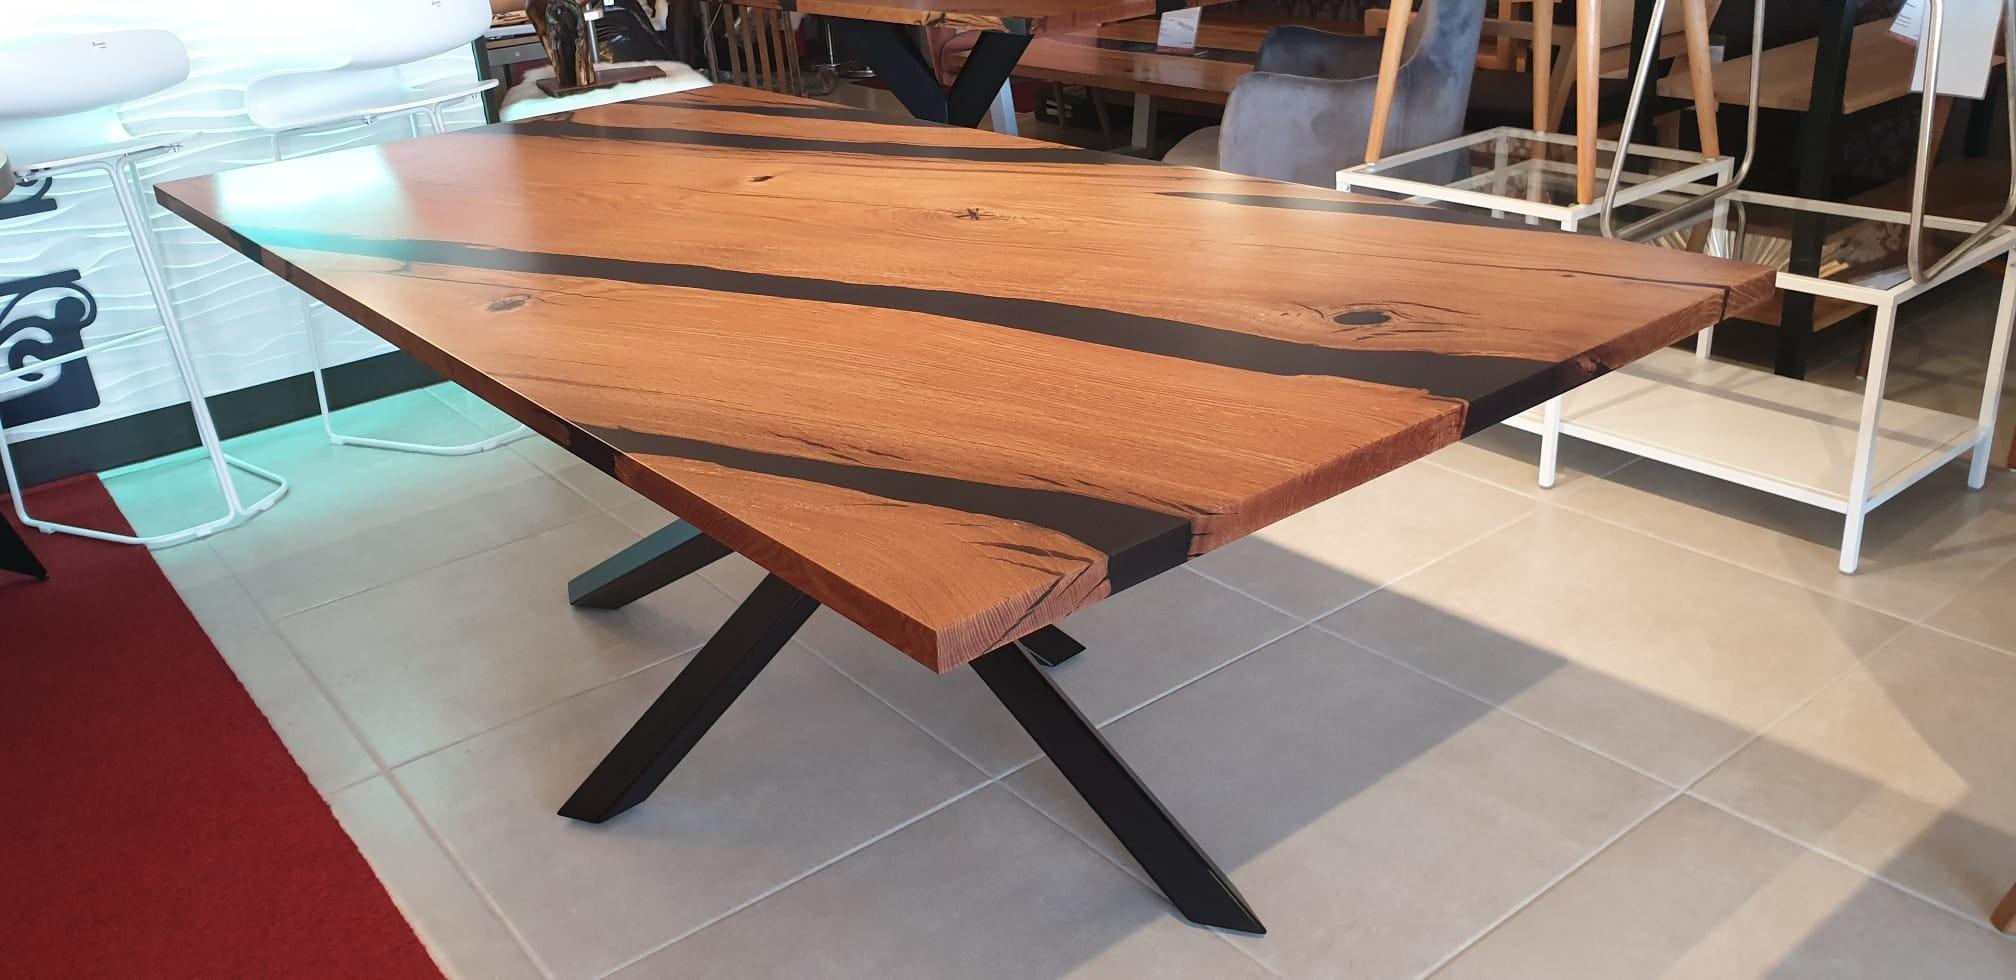 Esstisch Abonos Elegant Table mit Epoxid 02